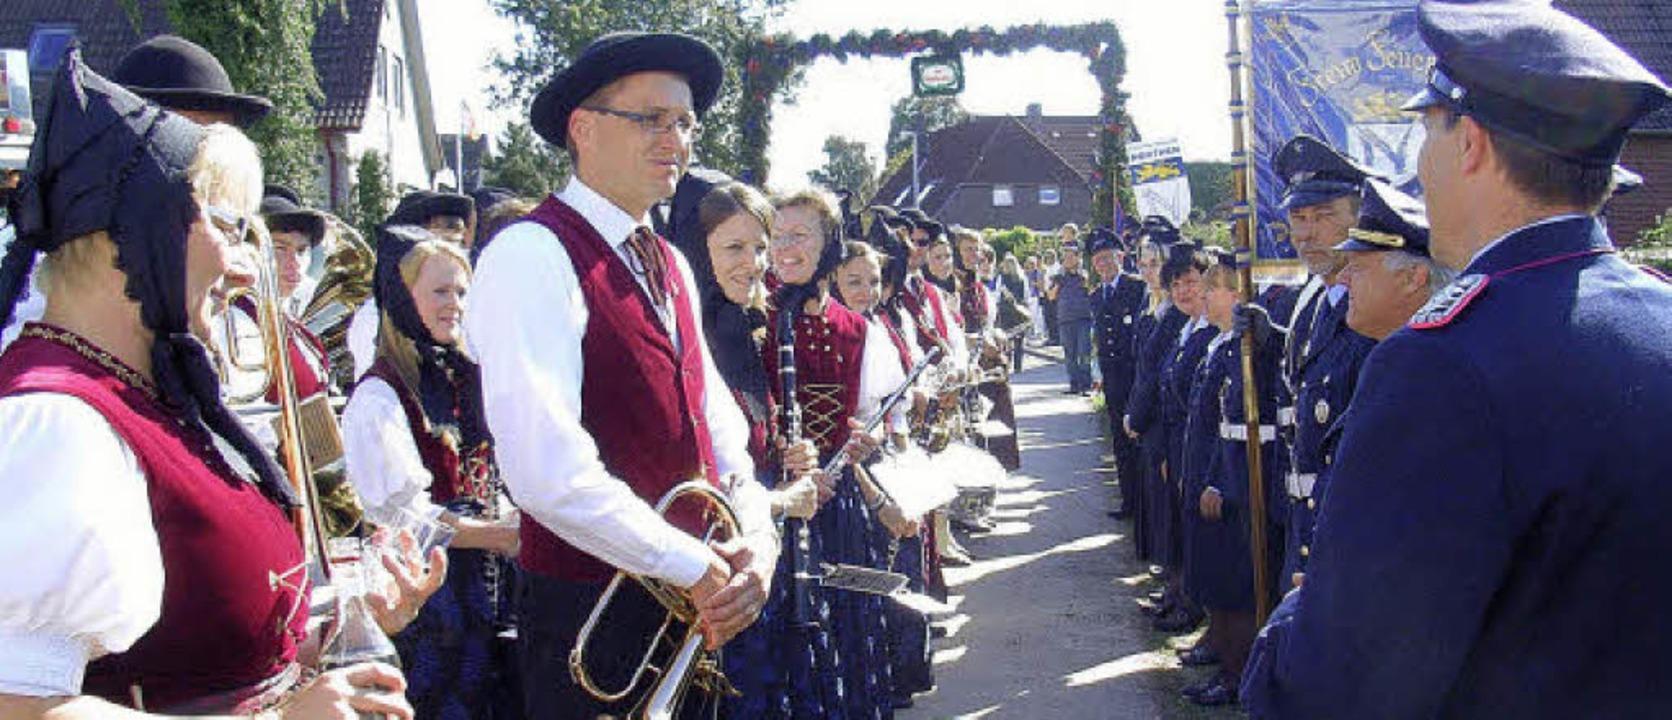 Begrüßung des Musikvereins Urberg durch die Freiwillige Feuerwehr Northen  | Foto: privat